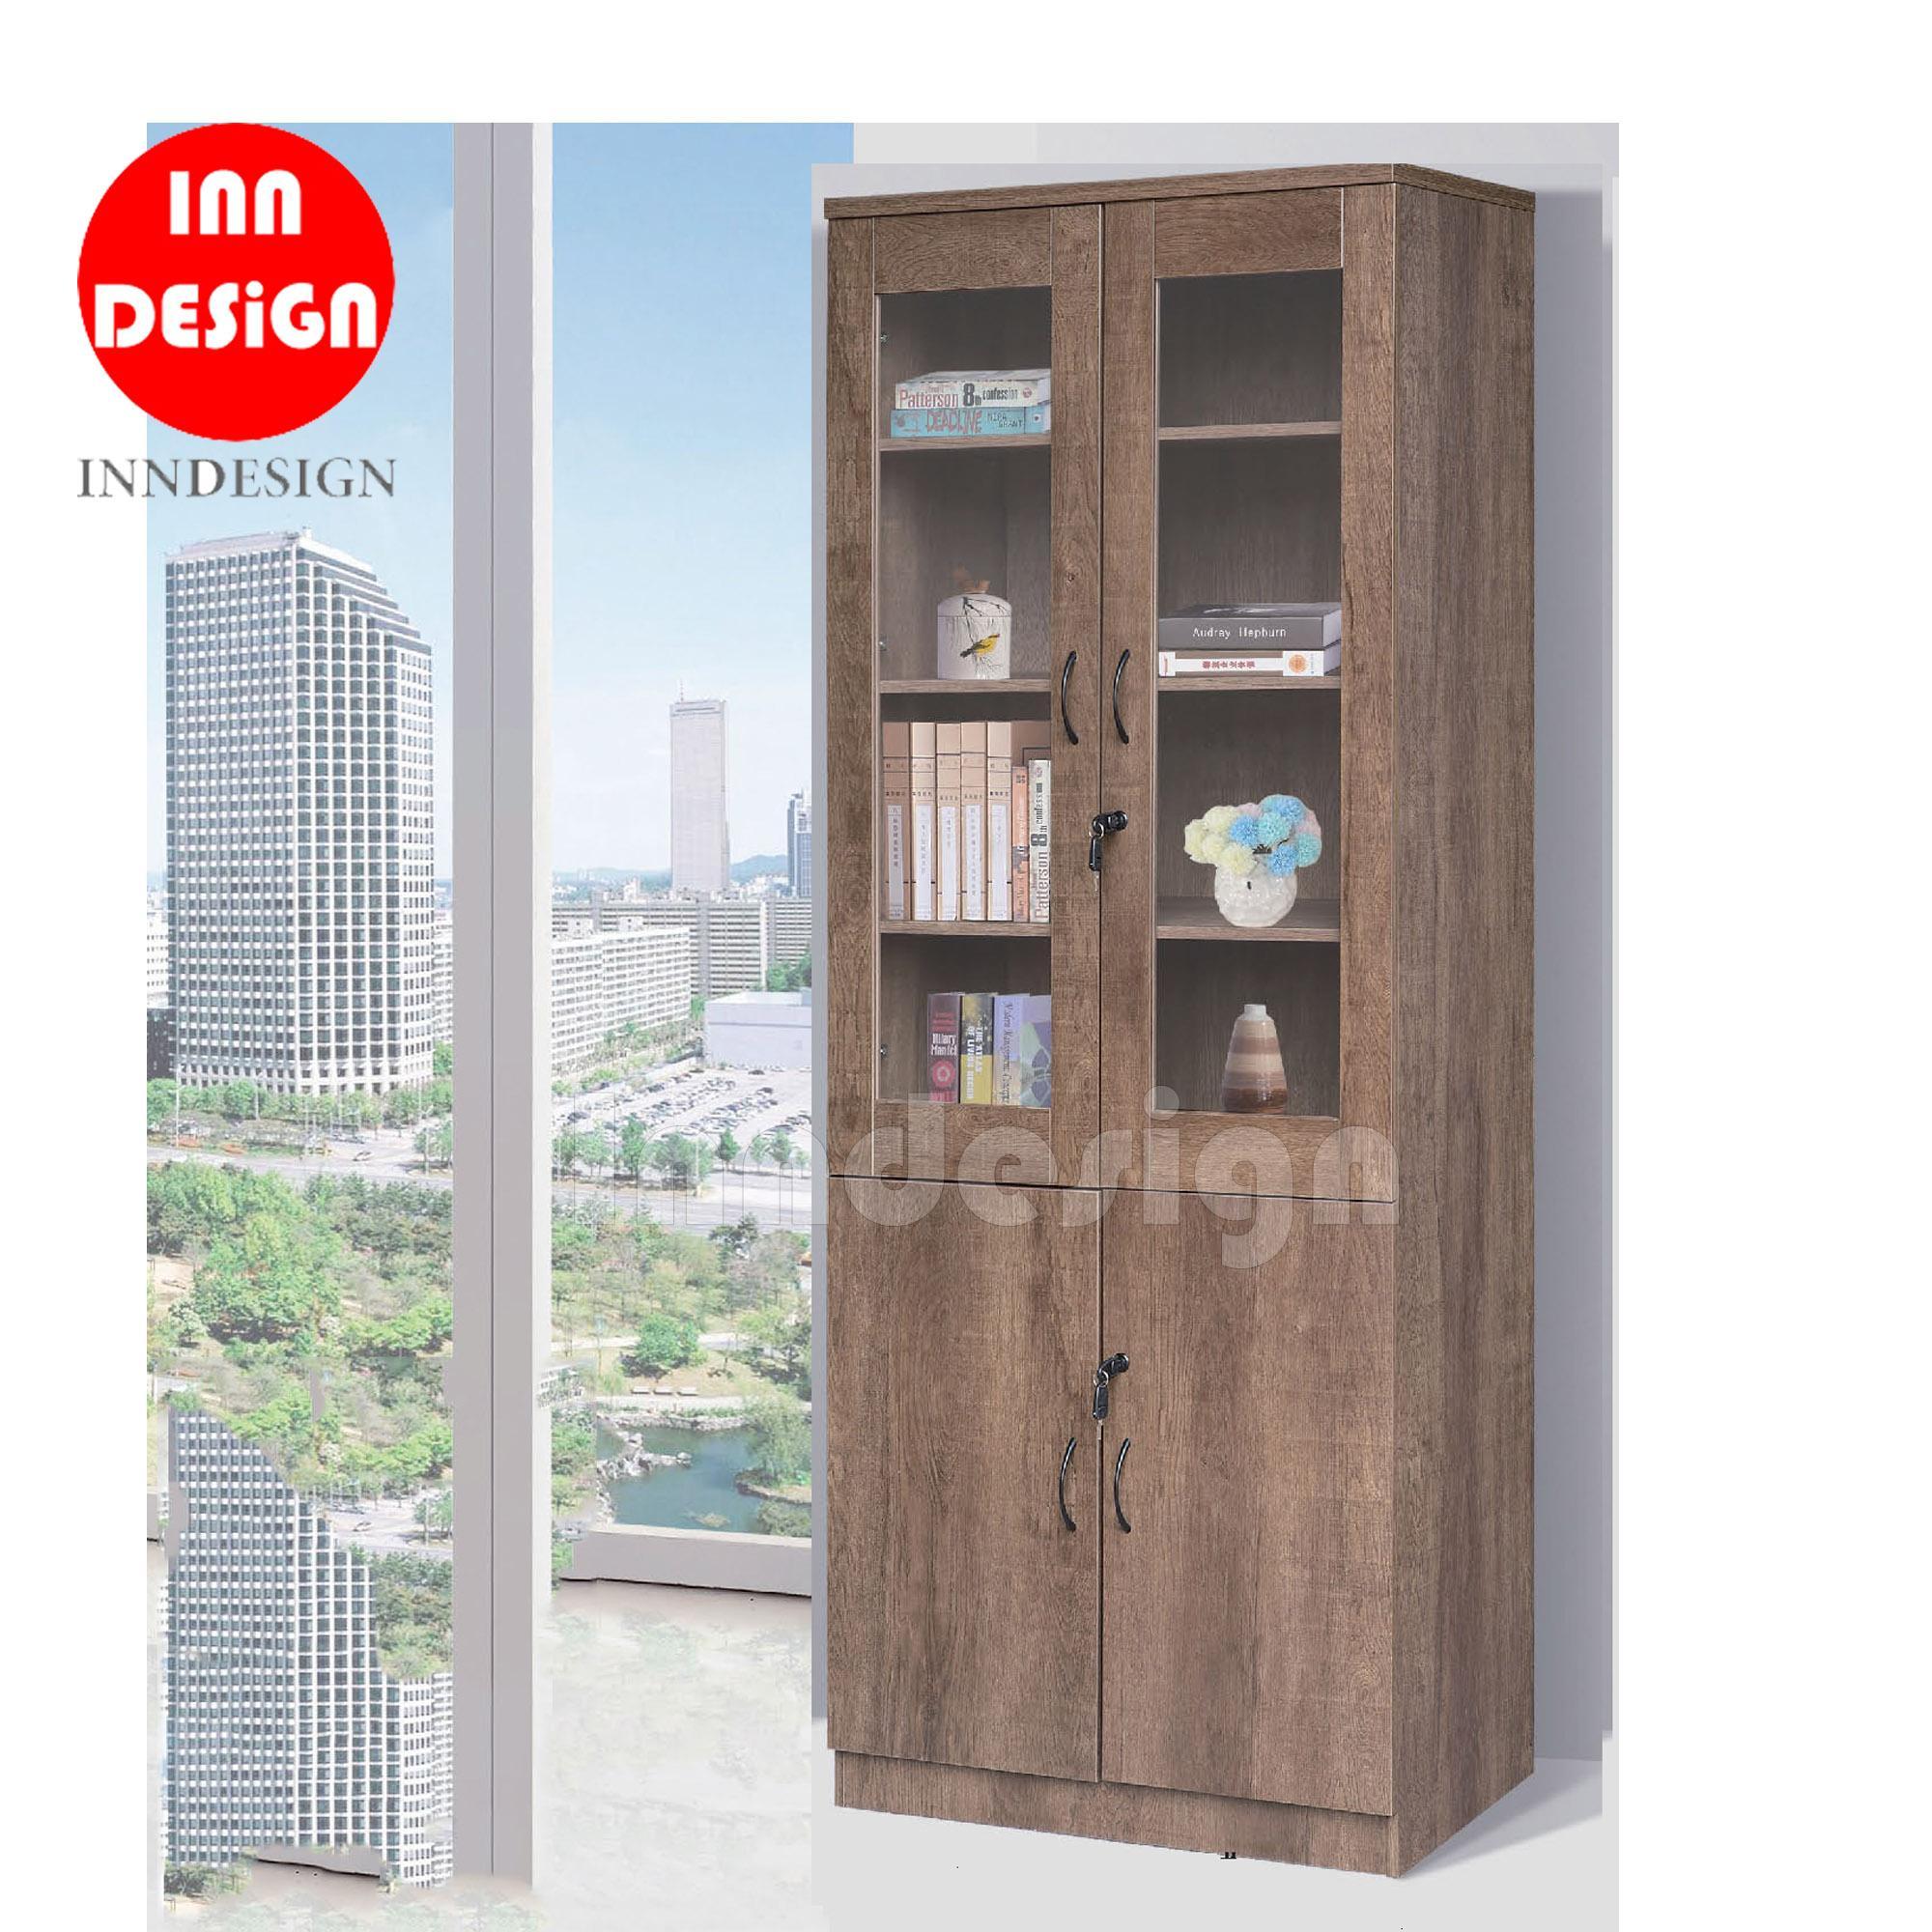 Javan II Display Bookshelf with 2 Doors Cabinet